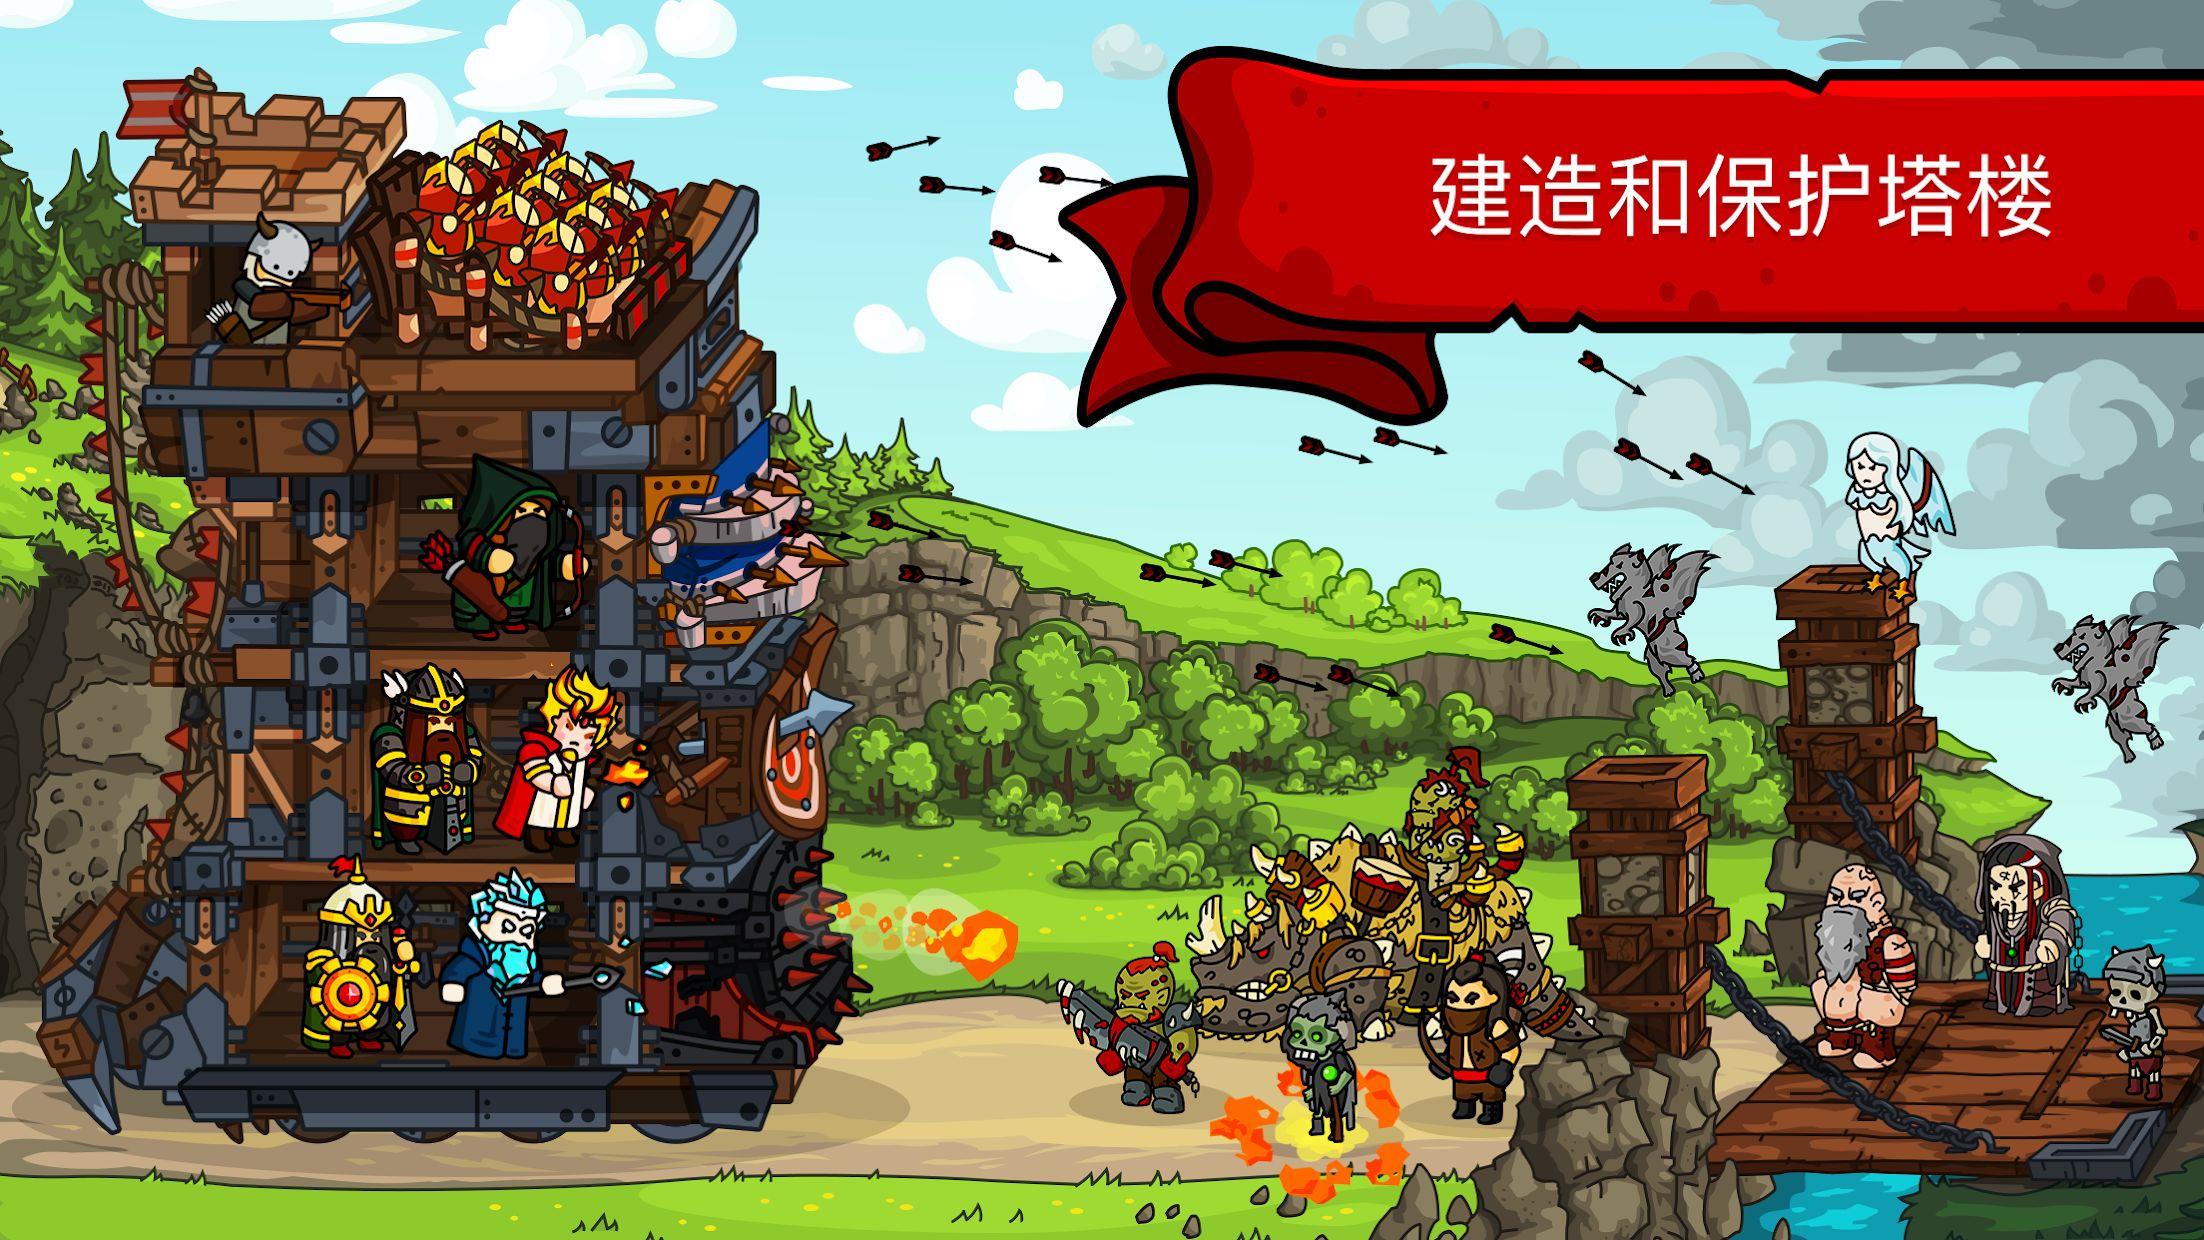 塔楼之境 - 建立帝国 游戏截图2